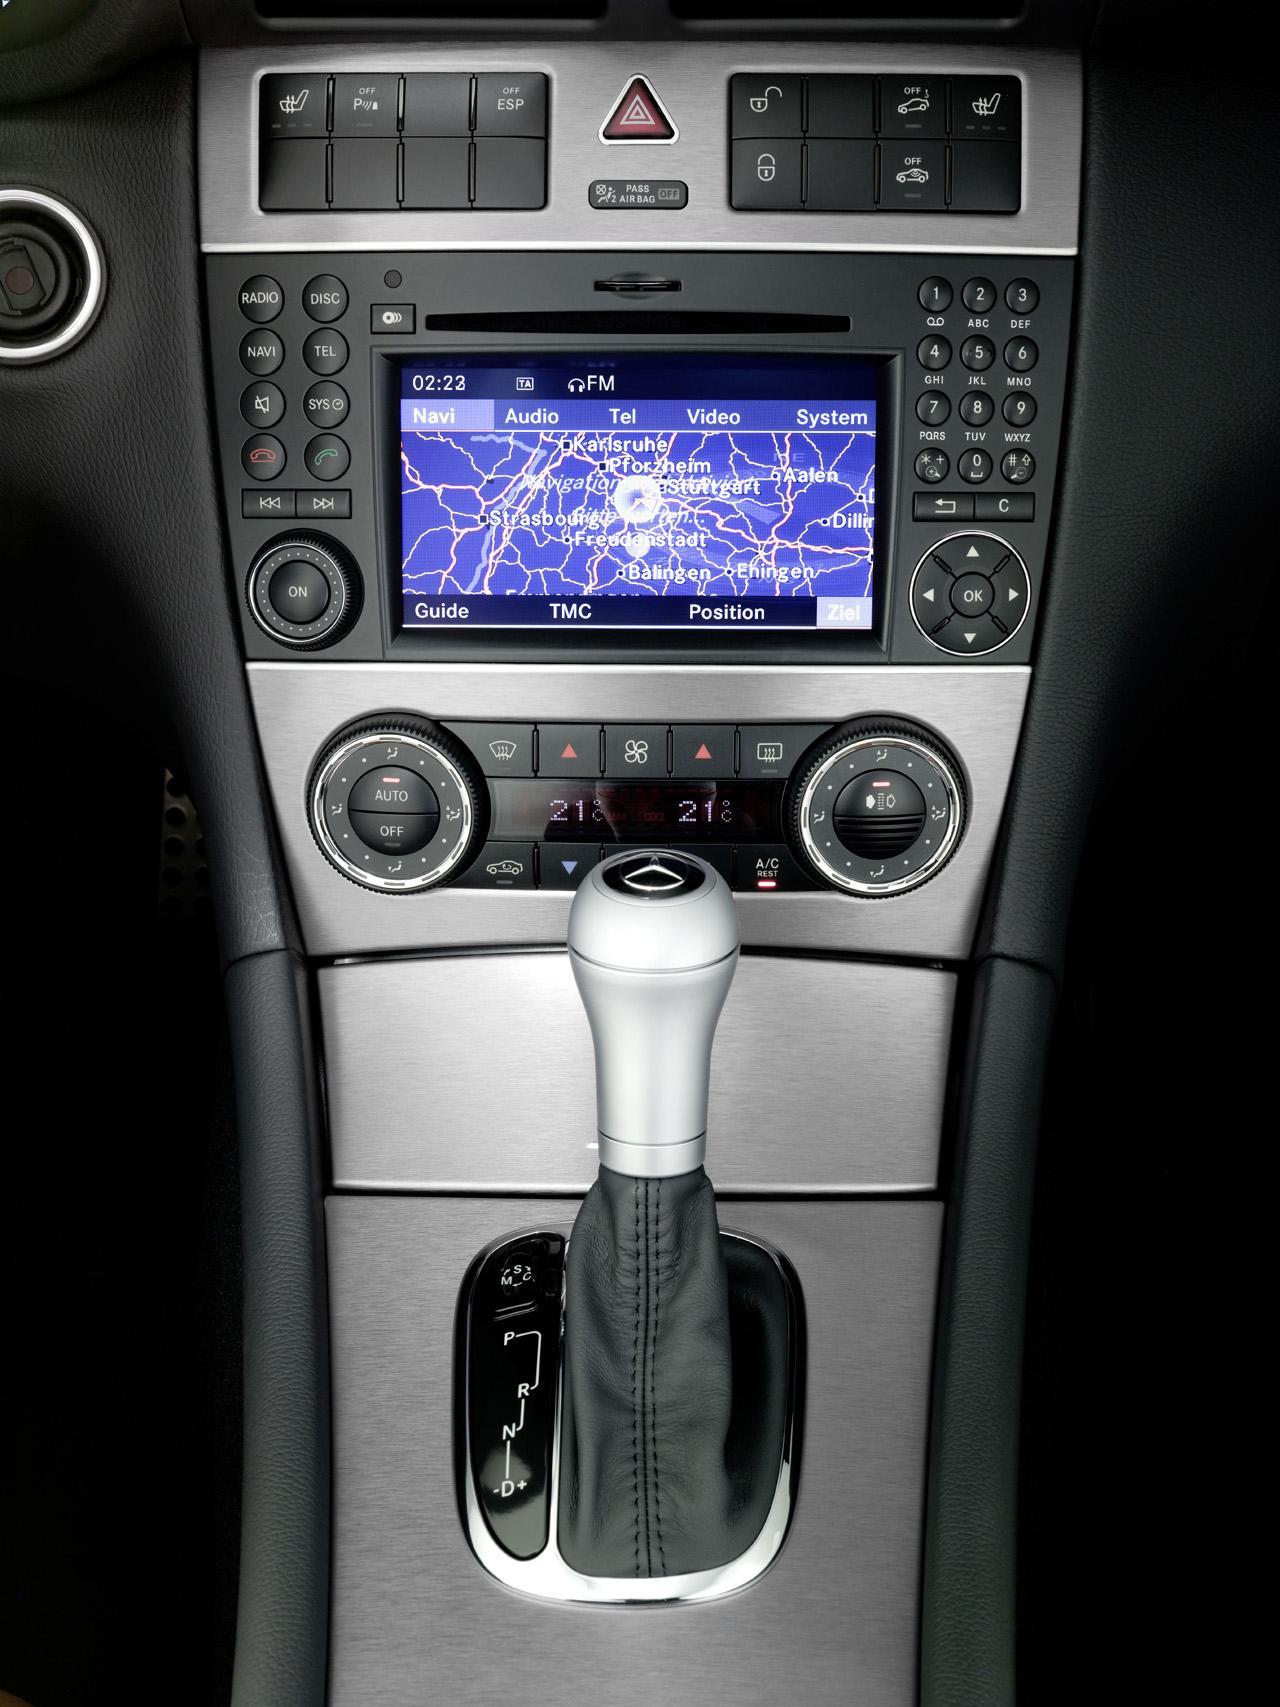 2008 Mercedes-Benz CLC Images. Photo mercedes_clc_2009_HR_i04.jpg